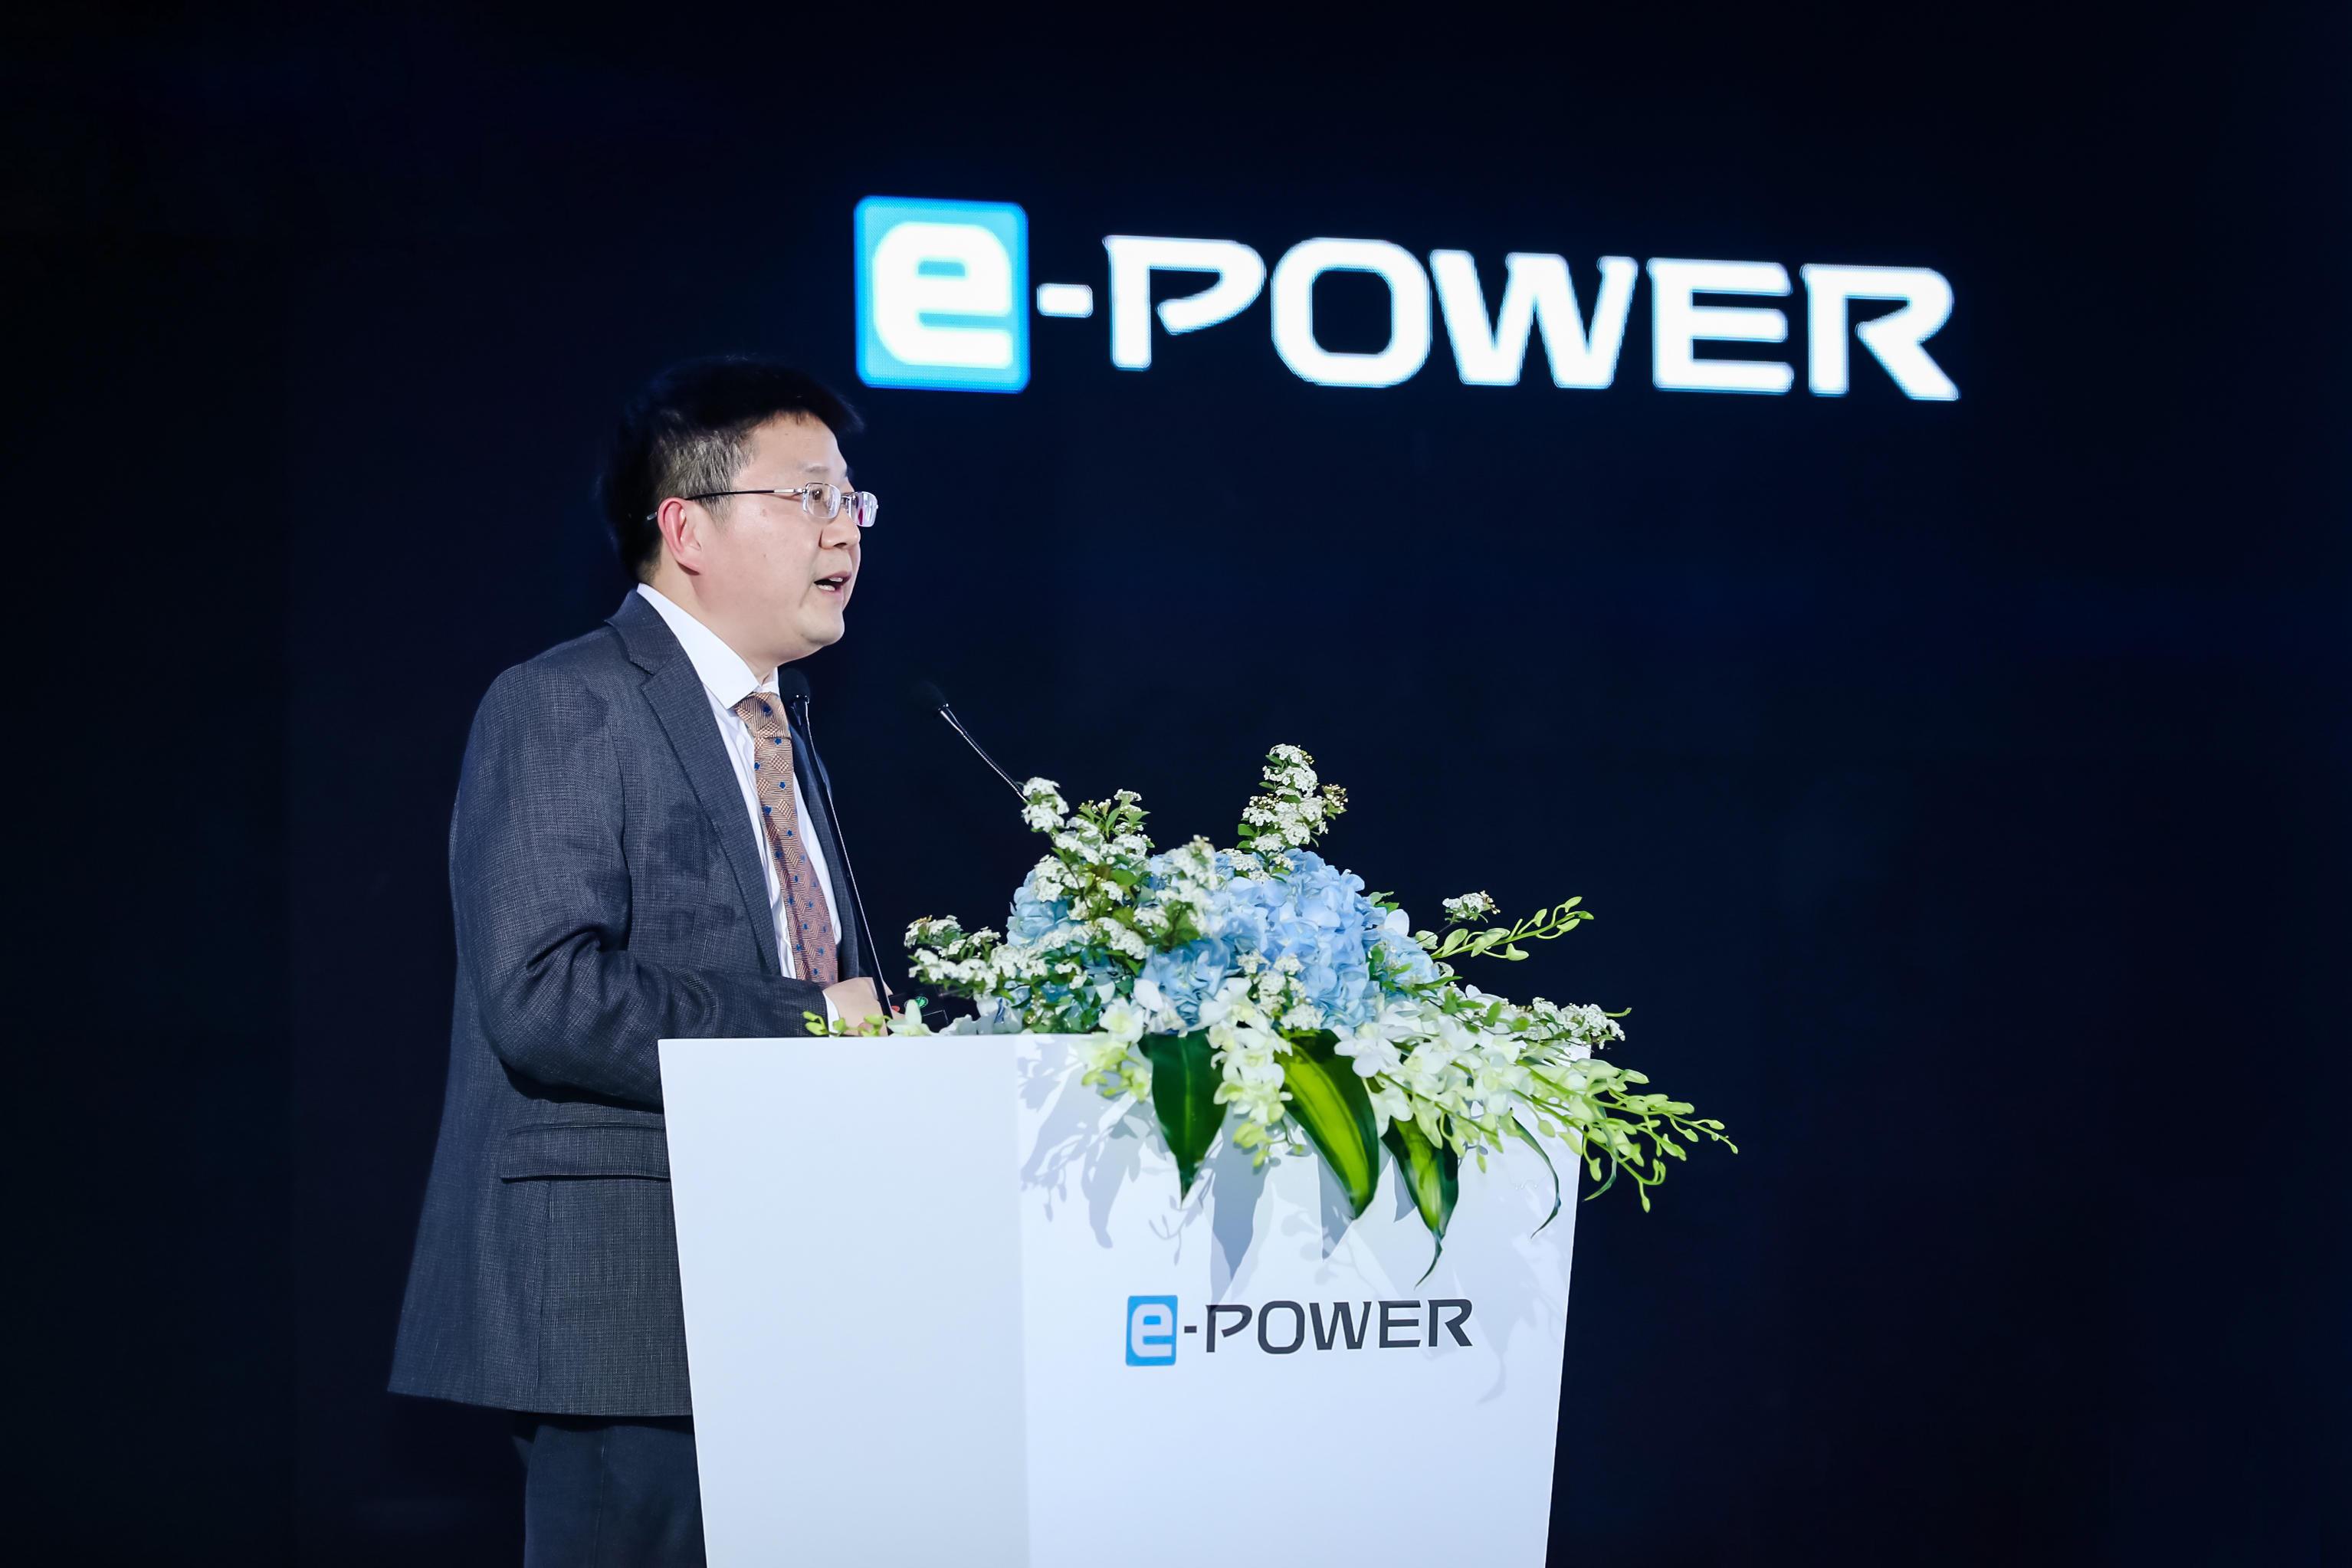 不用充电的电动车,日产混动技术e-POWER正式在中国发布